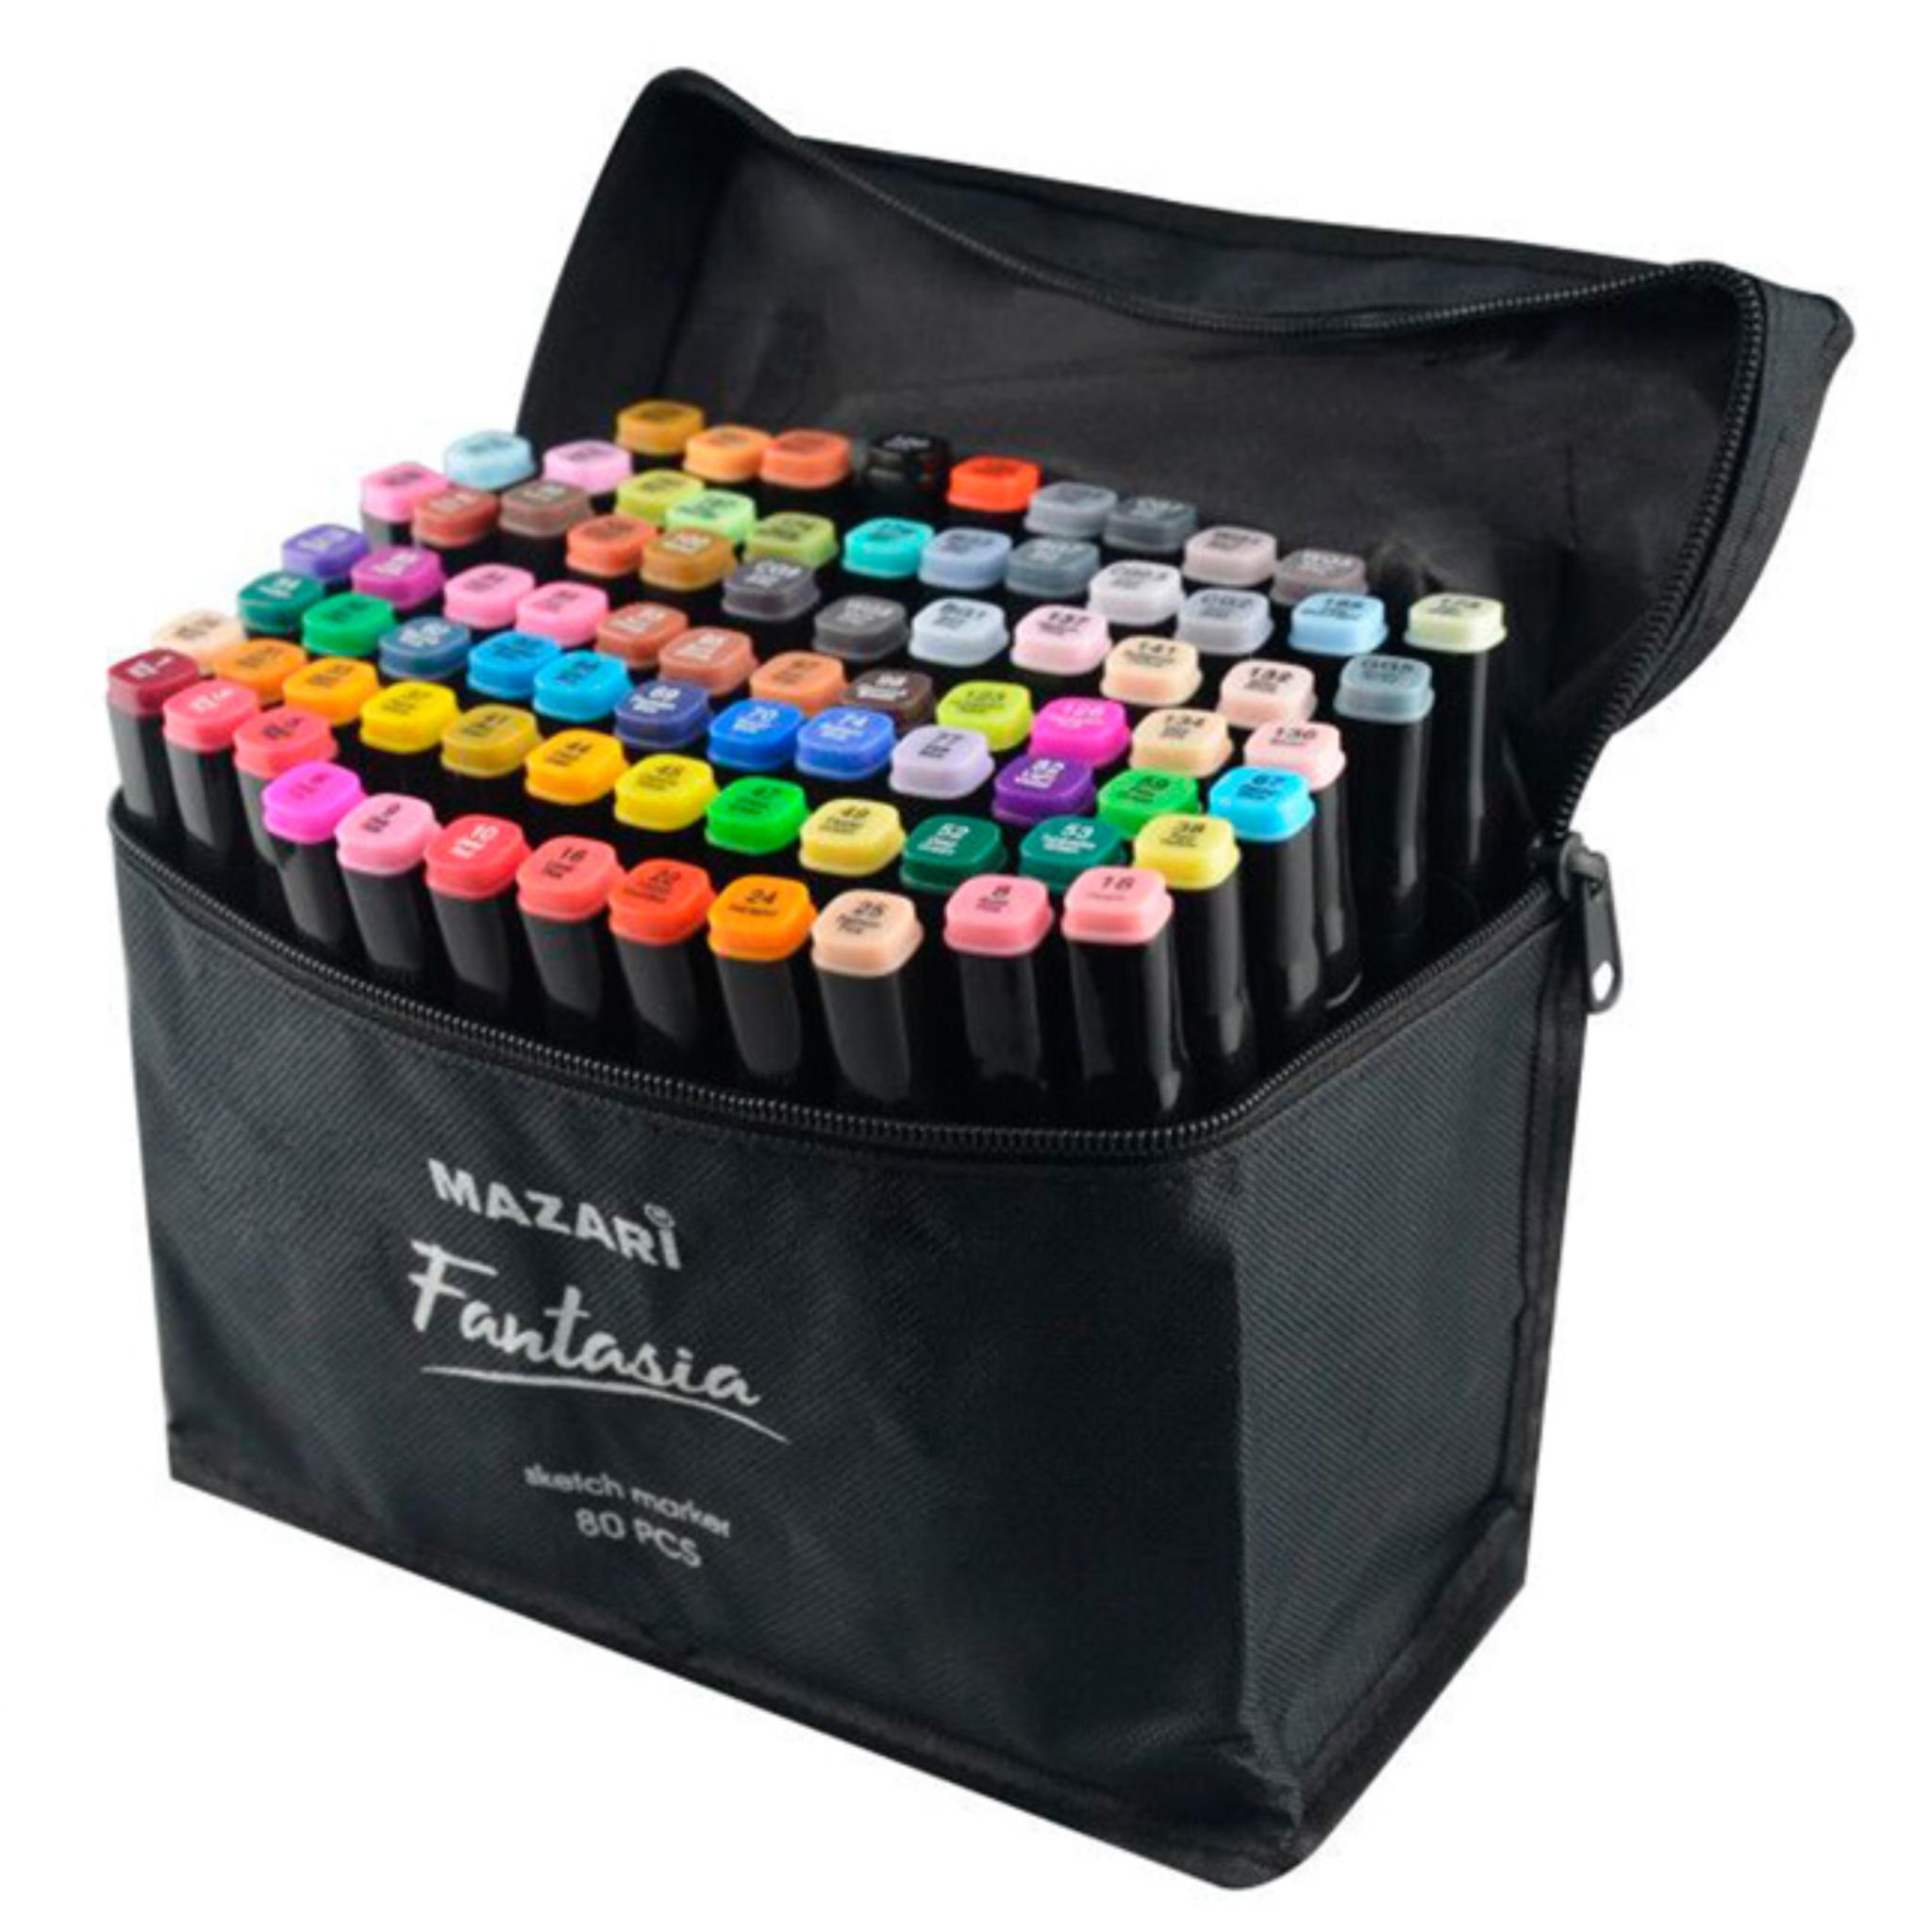 Mazari Fantasia набор маркеров для скетчинга 80 шт в сумке пенале - двусторонние спиртовые пуля/долото 3.0-6.2 мм